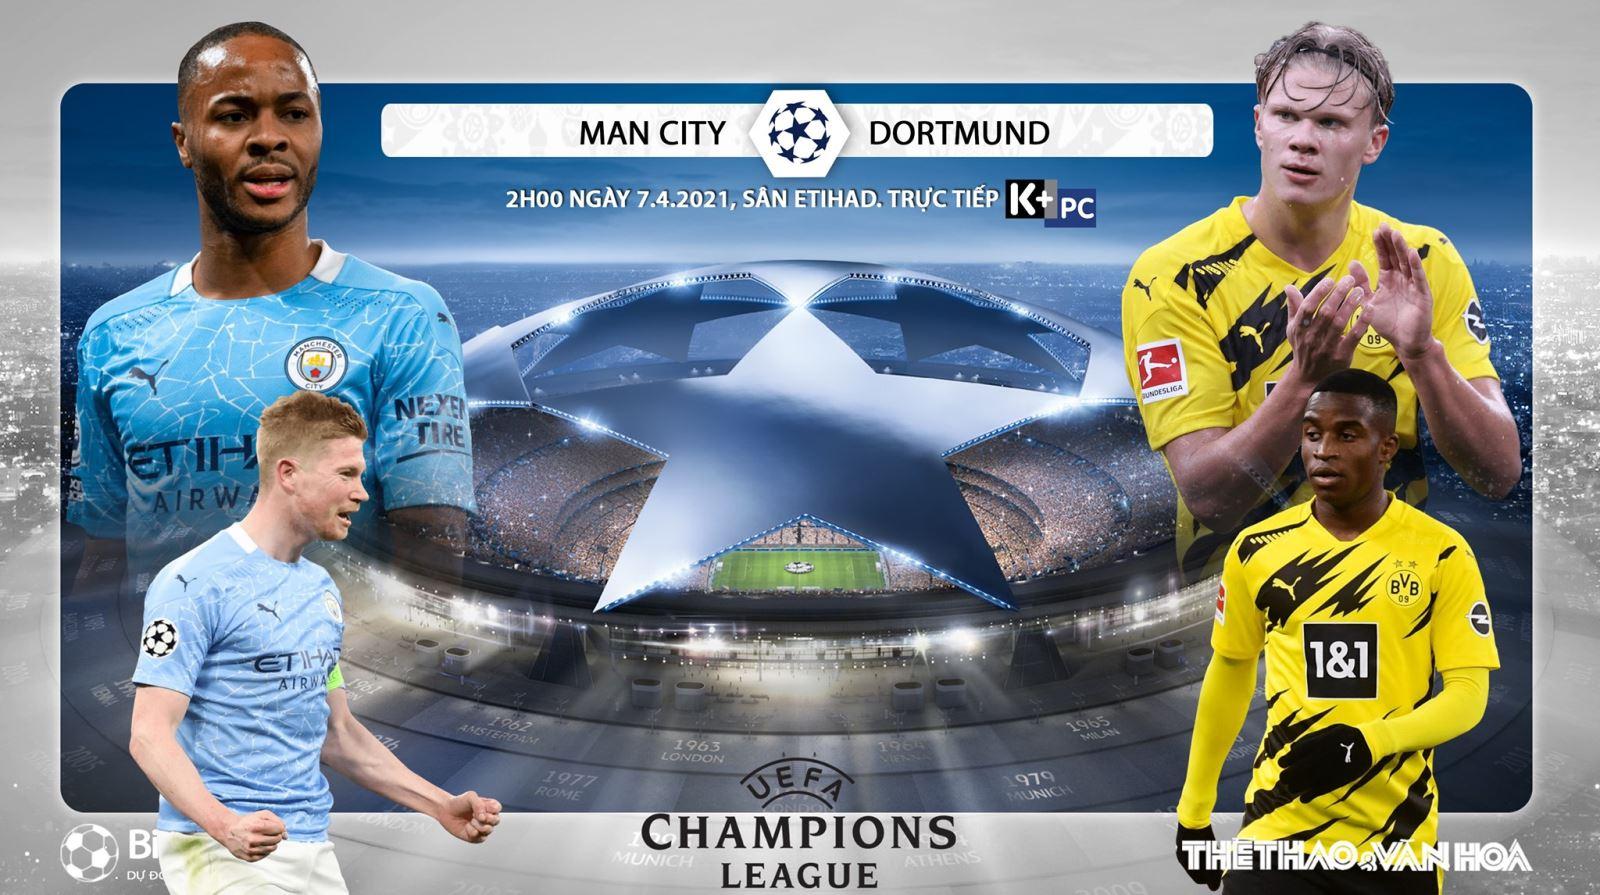 Soi kèo nhà cáiMan City vs Dortmund. Tứ kết lượt đi Cúp C1 châu Âu